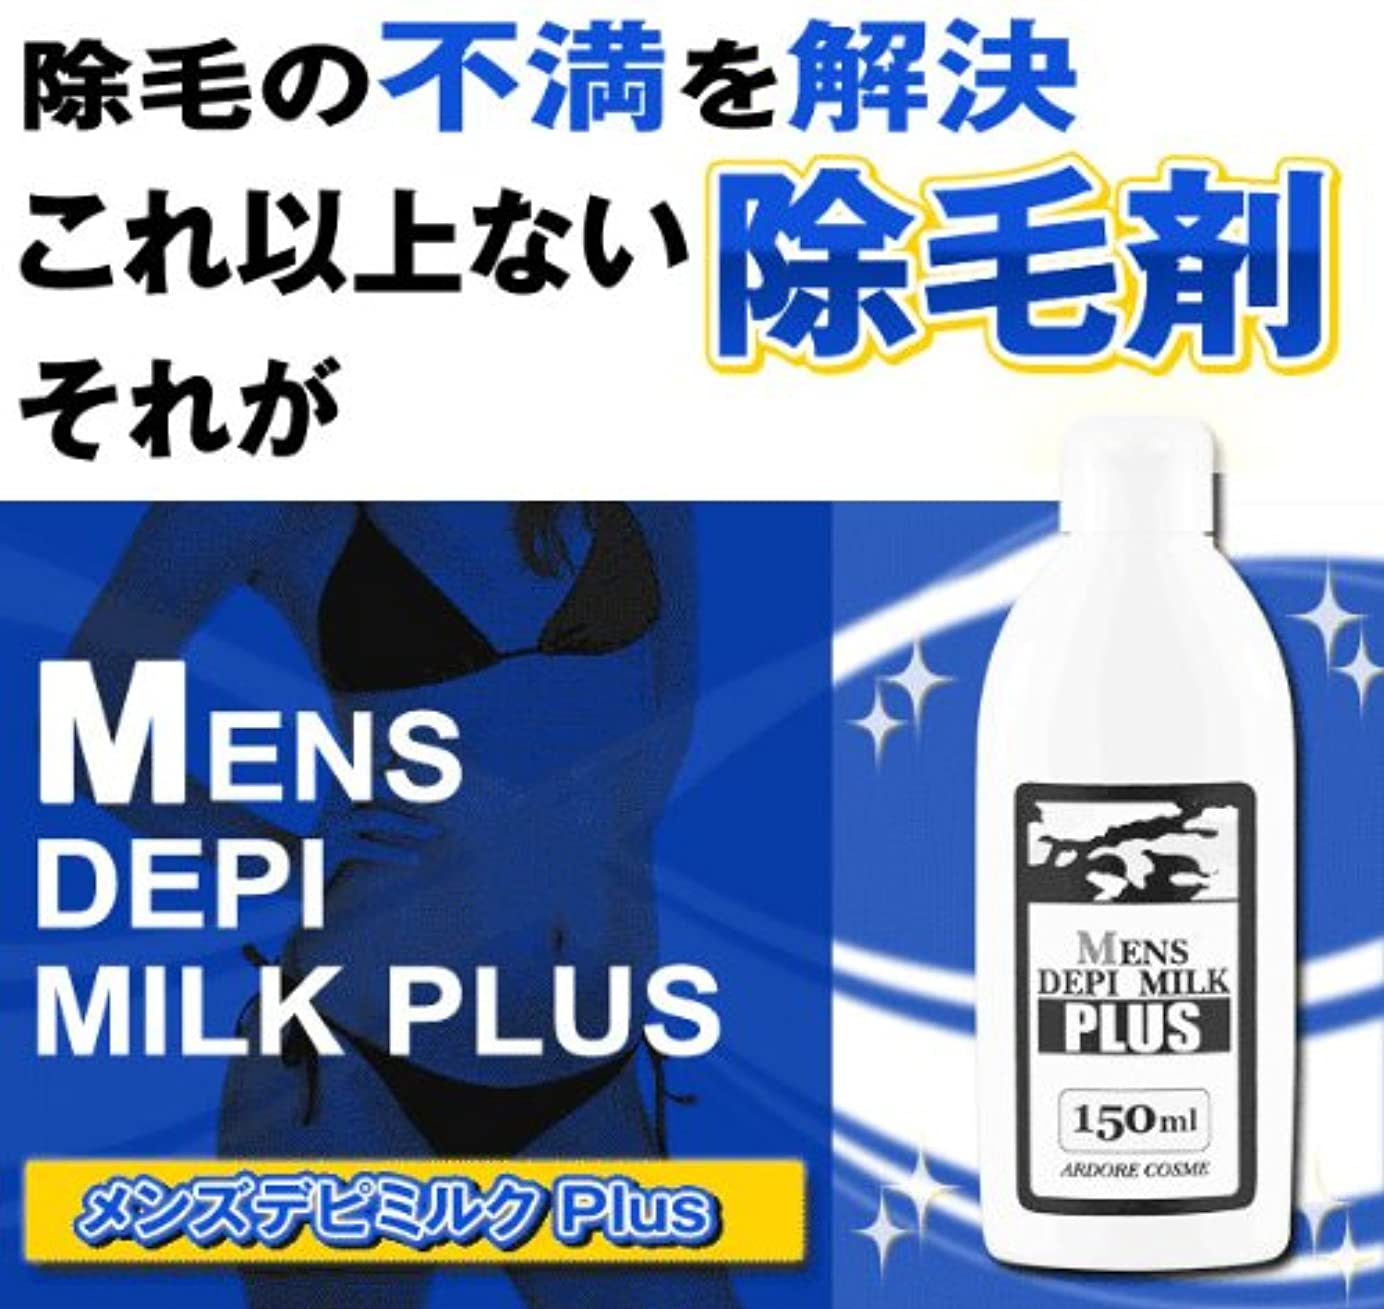 属するおそらく穏やかな薬用メンズデピミルクプラス 150ml(薬用除毛クリーム)医薬部外品